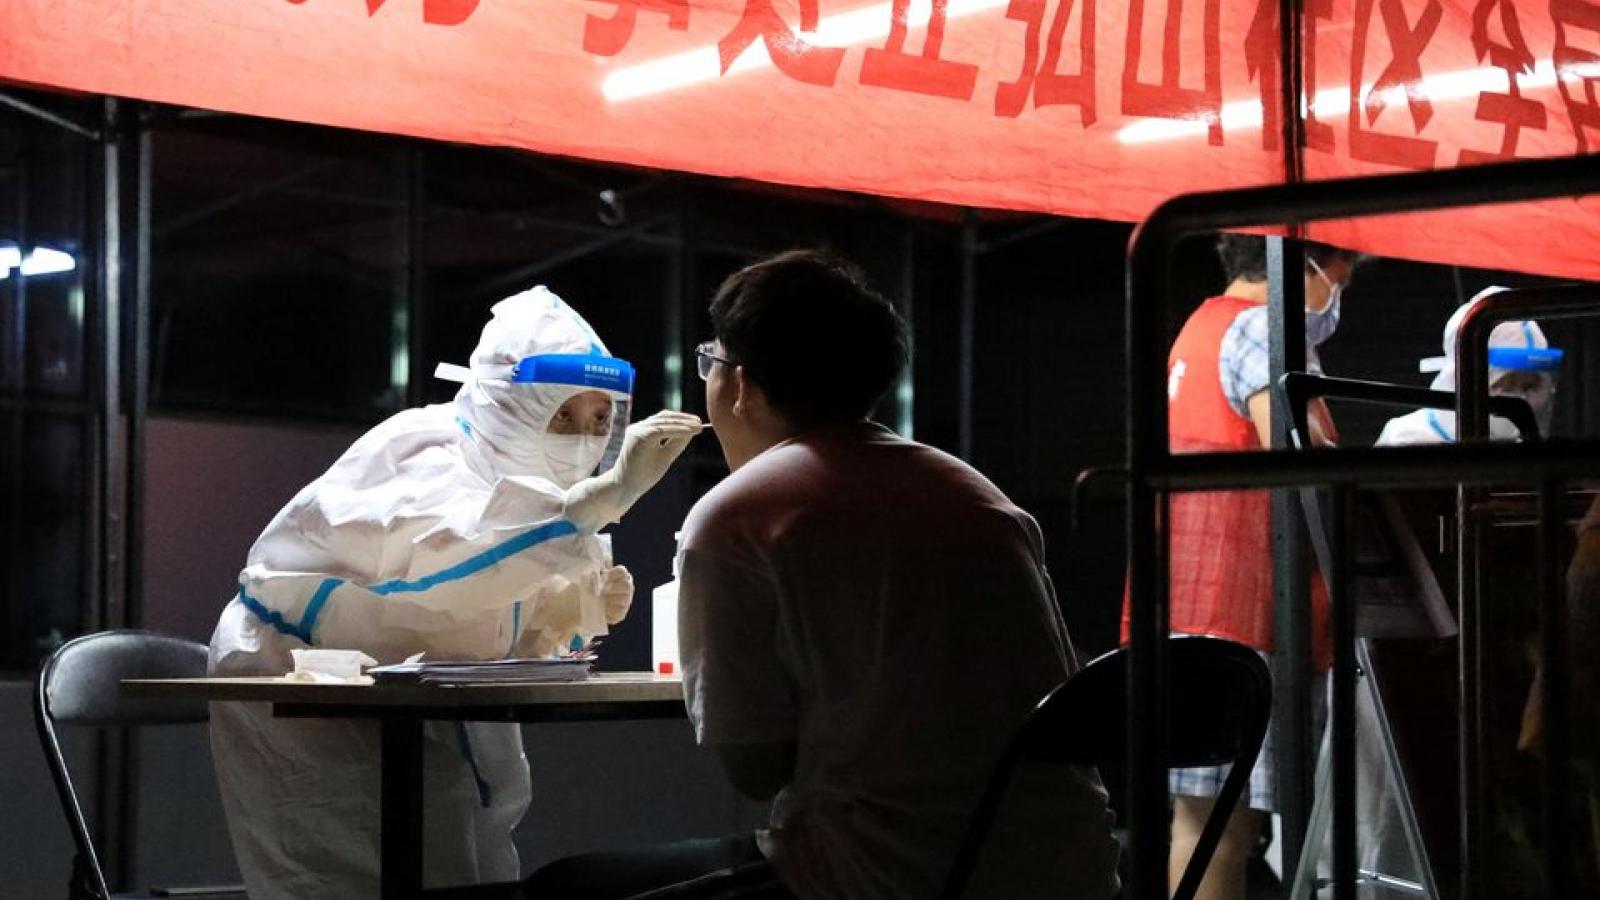 Phương pháp điều trị và phòng chống biến thể Delta theo y học cổ truyền Trung Quốc